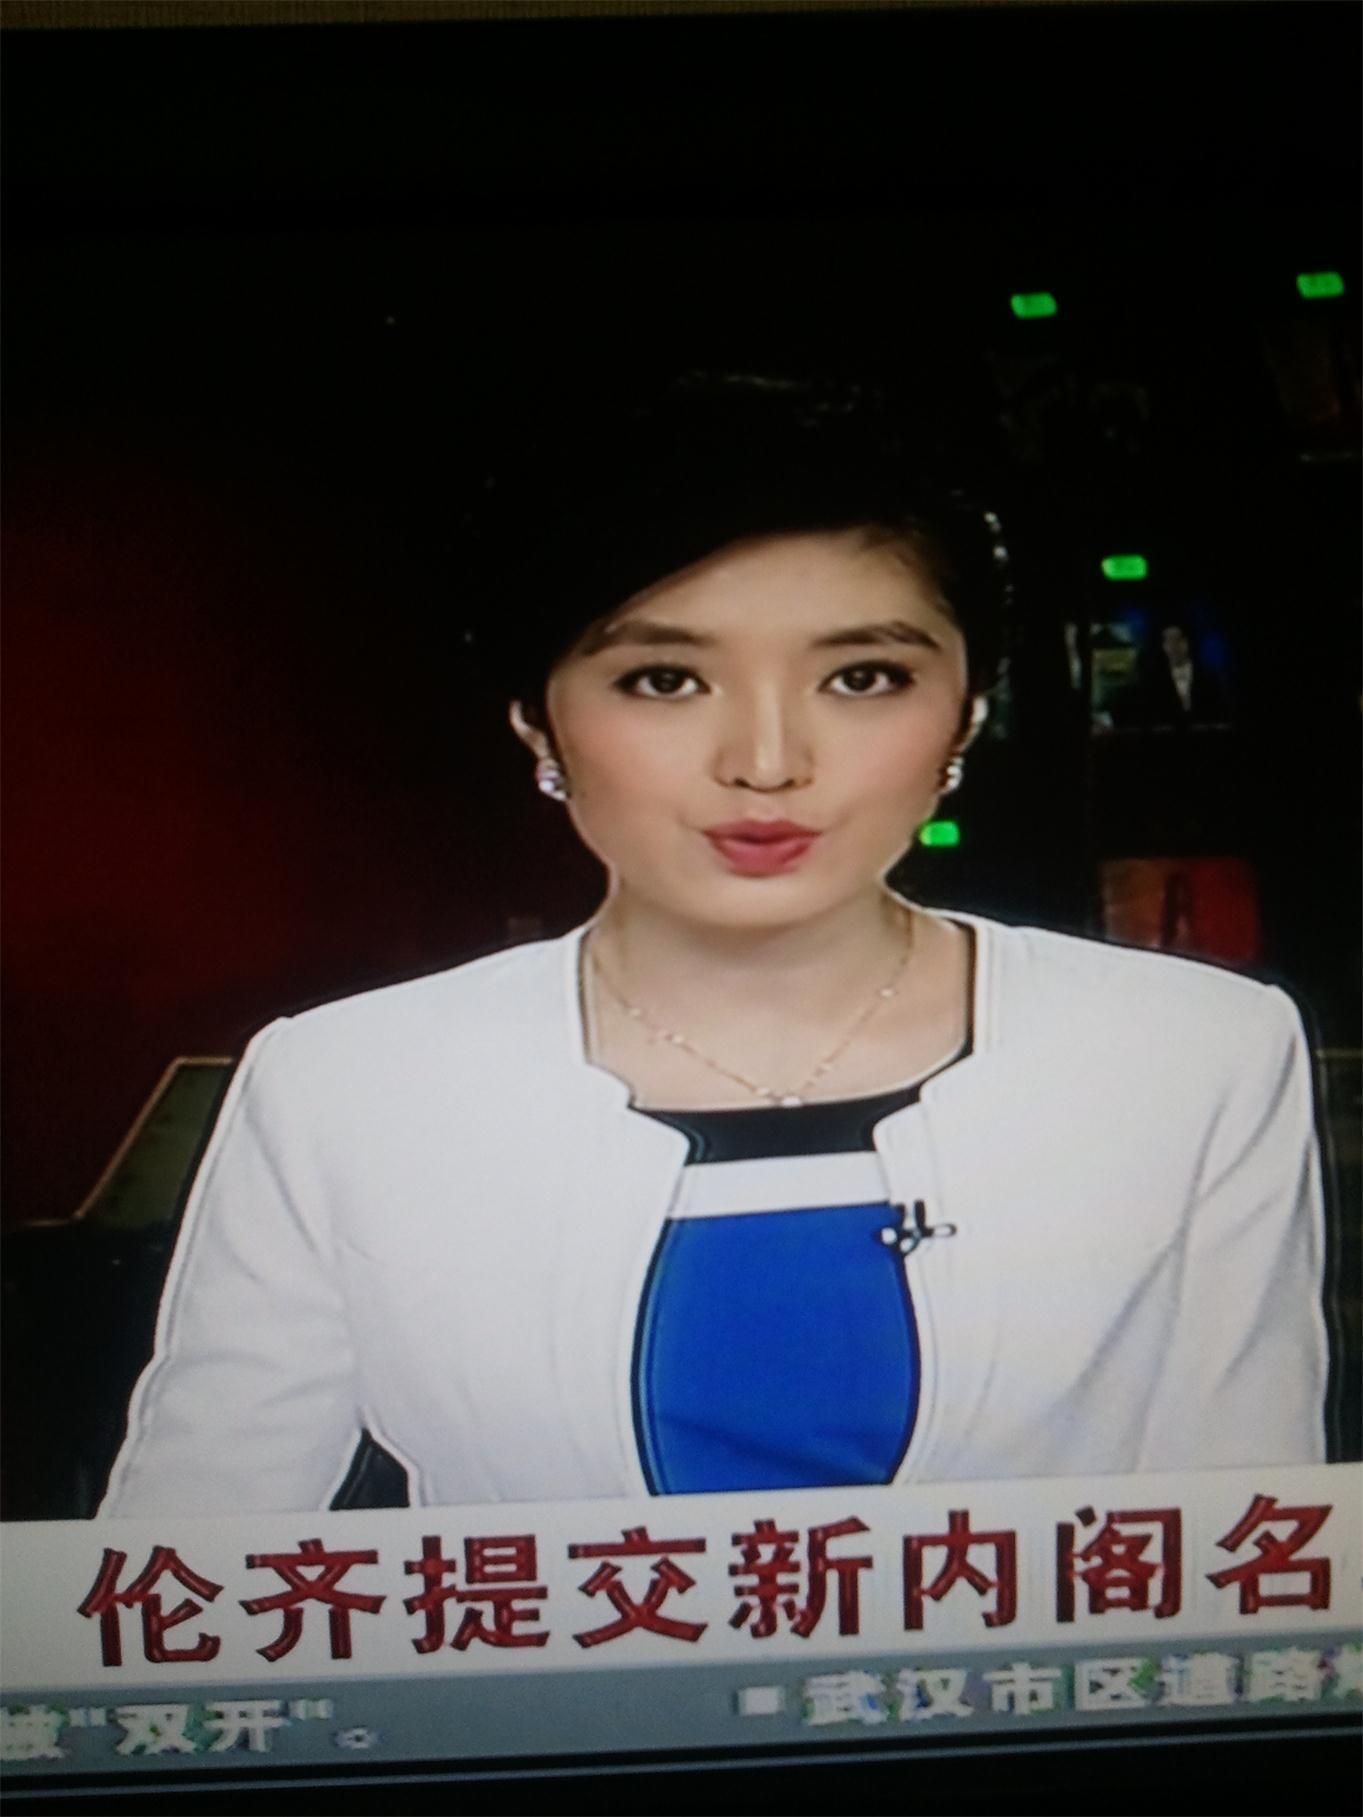 安徽卫视新闻主持人_东方卫视早间新闻的女主持人叫什么名字?请看图